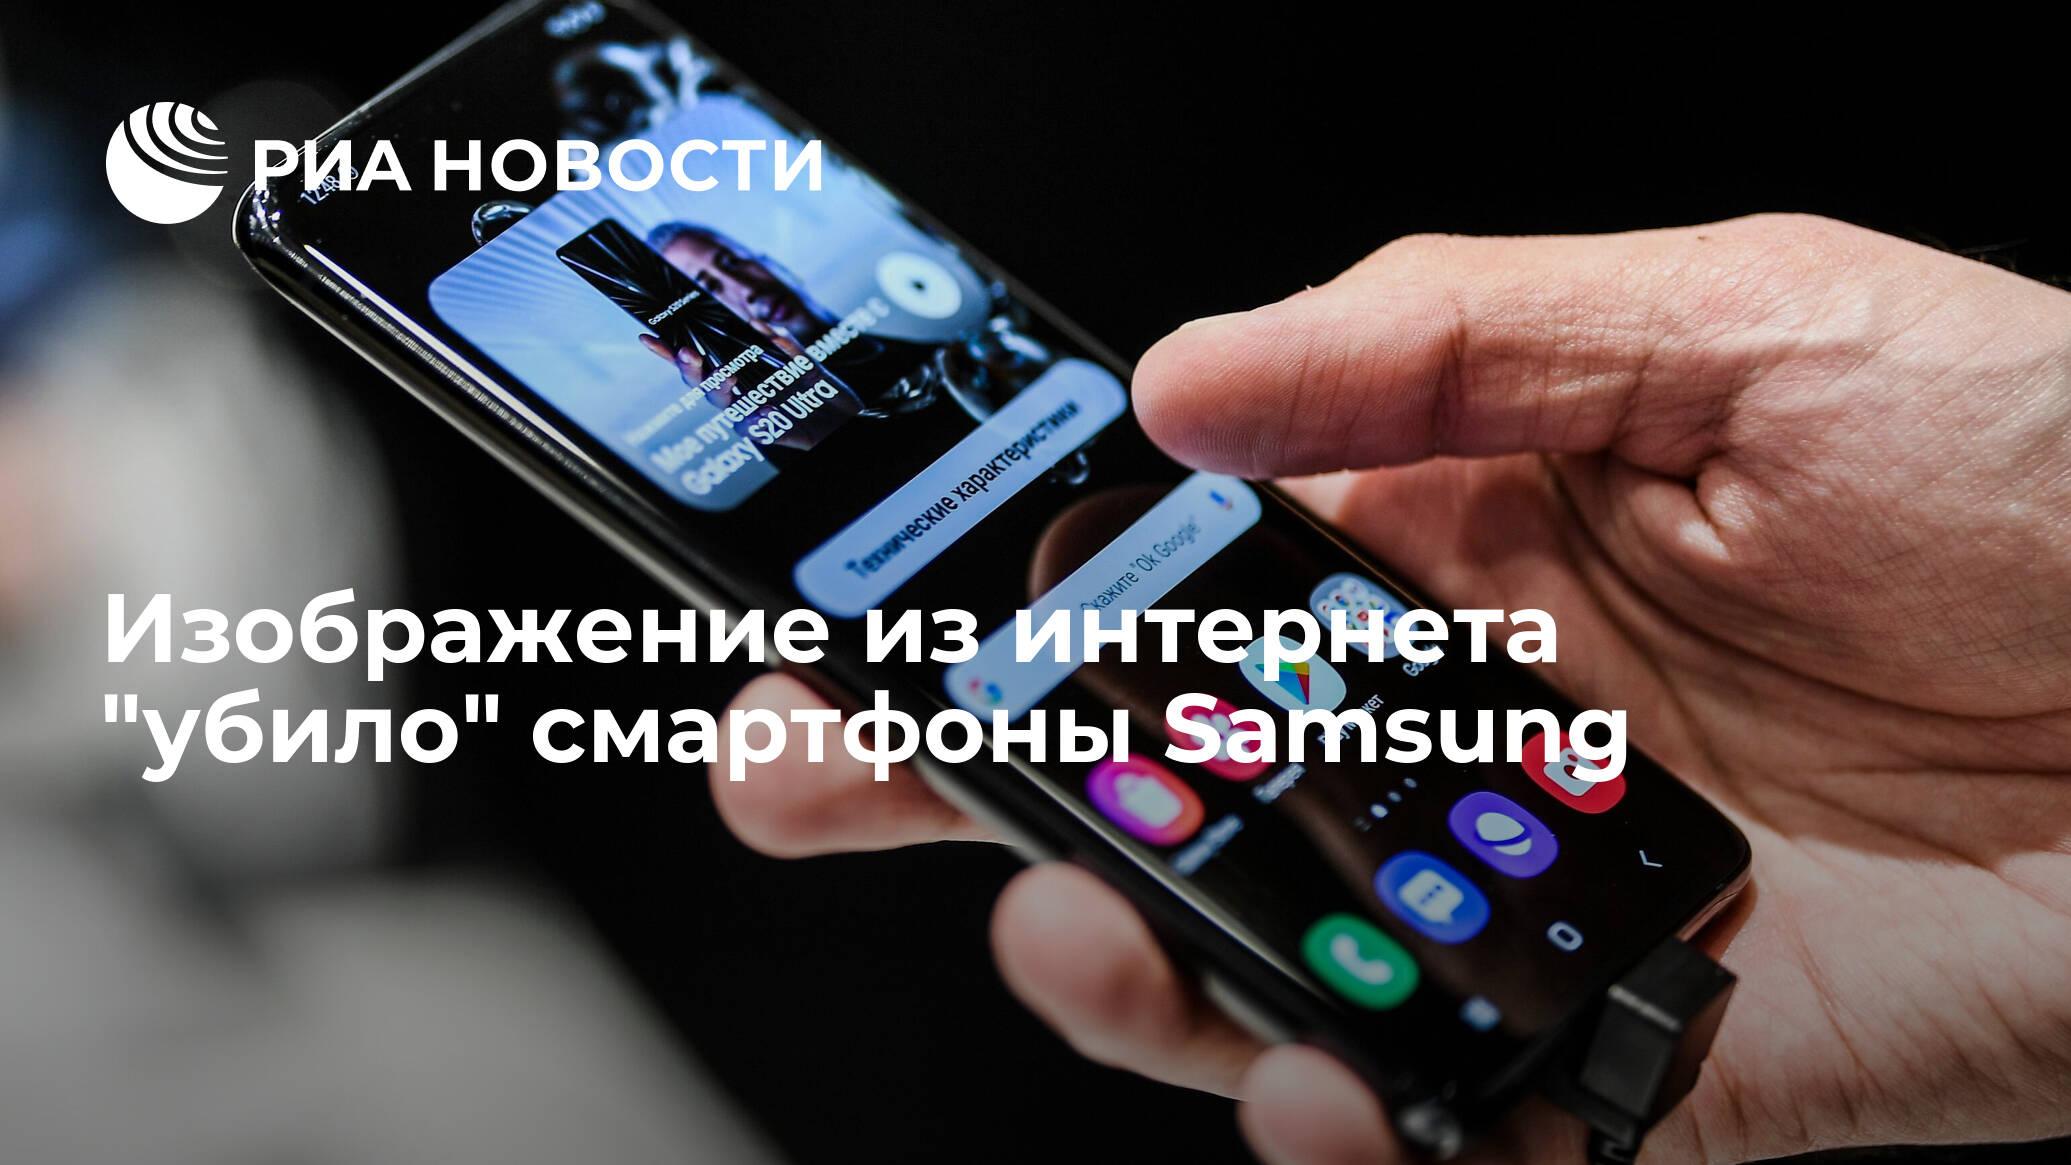 Изображение из интернета 'убило' смартфоны Samsung - РИА НОВОСТИ